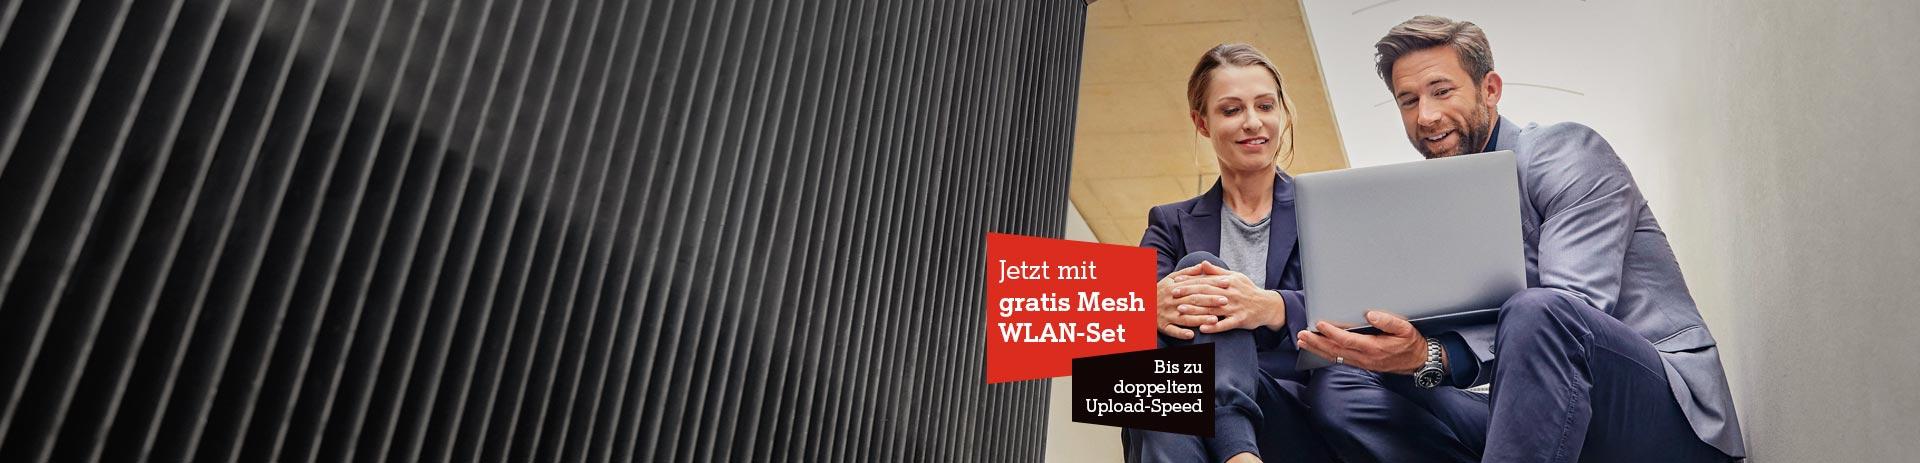 Business Internet mit Gratis Mesh WLAN